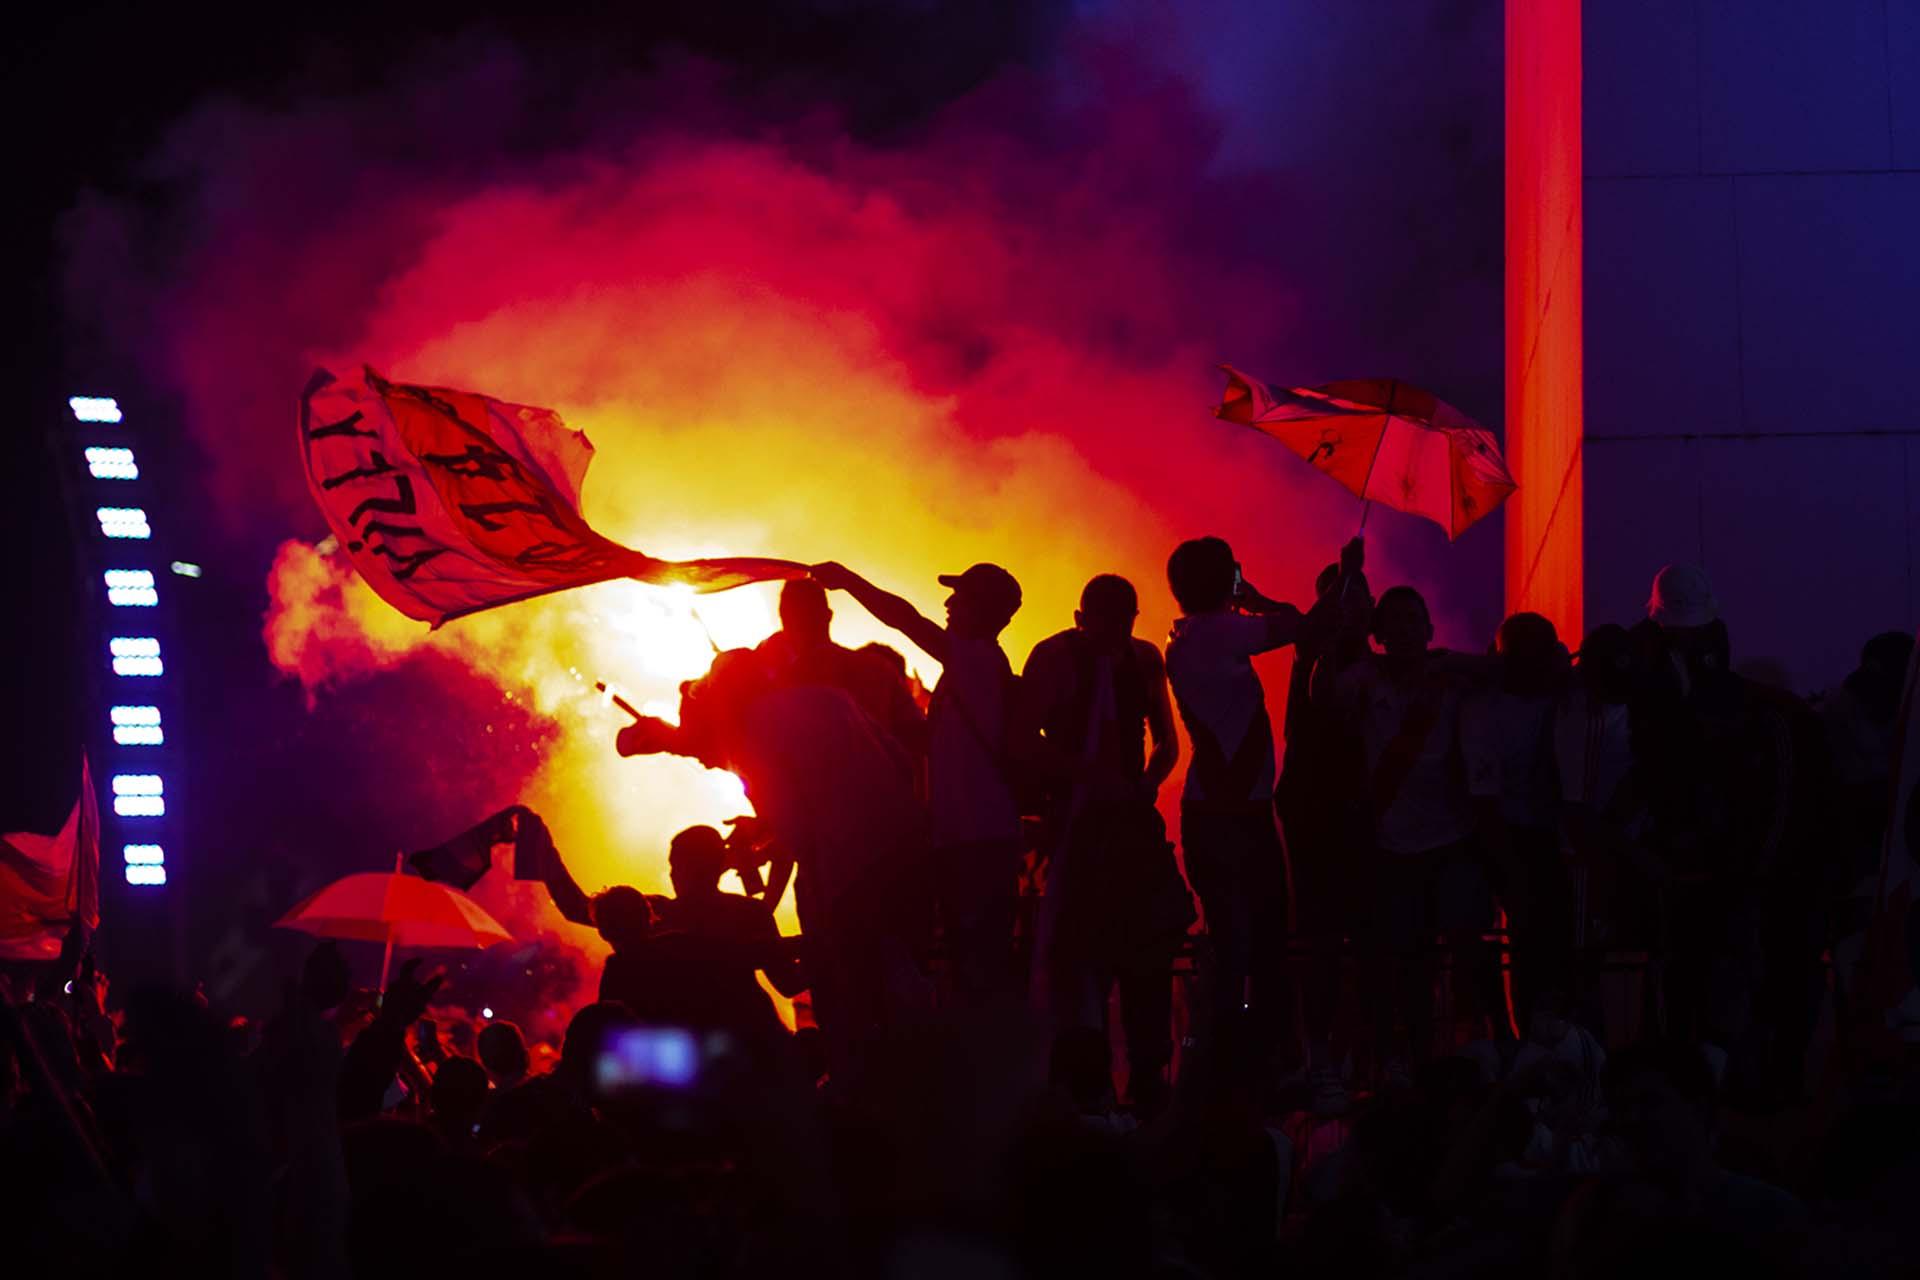 Hinchas de River festejan la obtención de la Copa Libertadores en el Obelisco (Matías Baglietto)